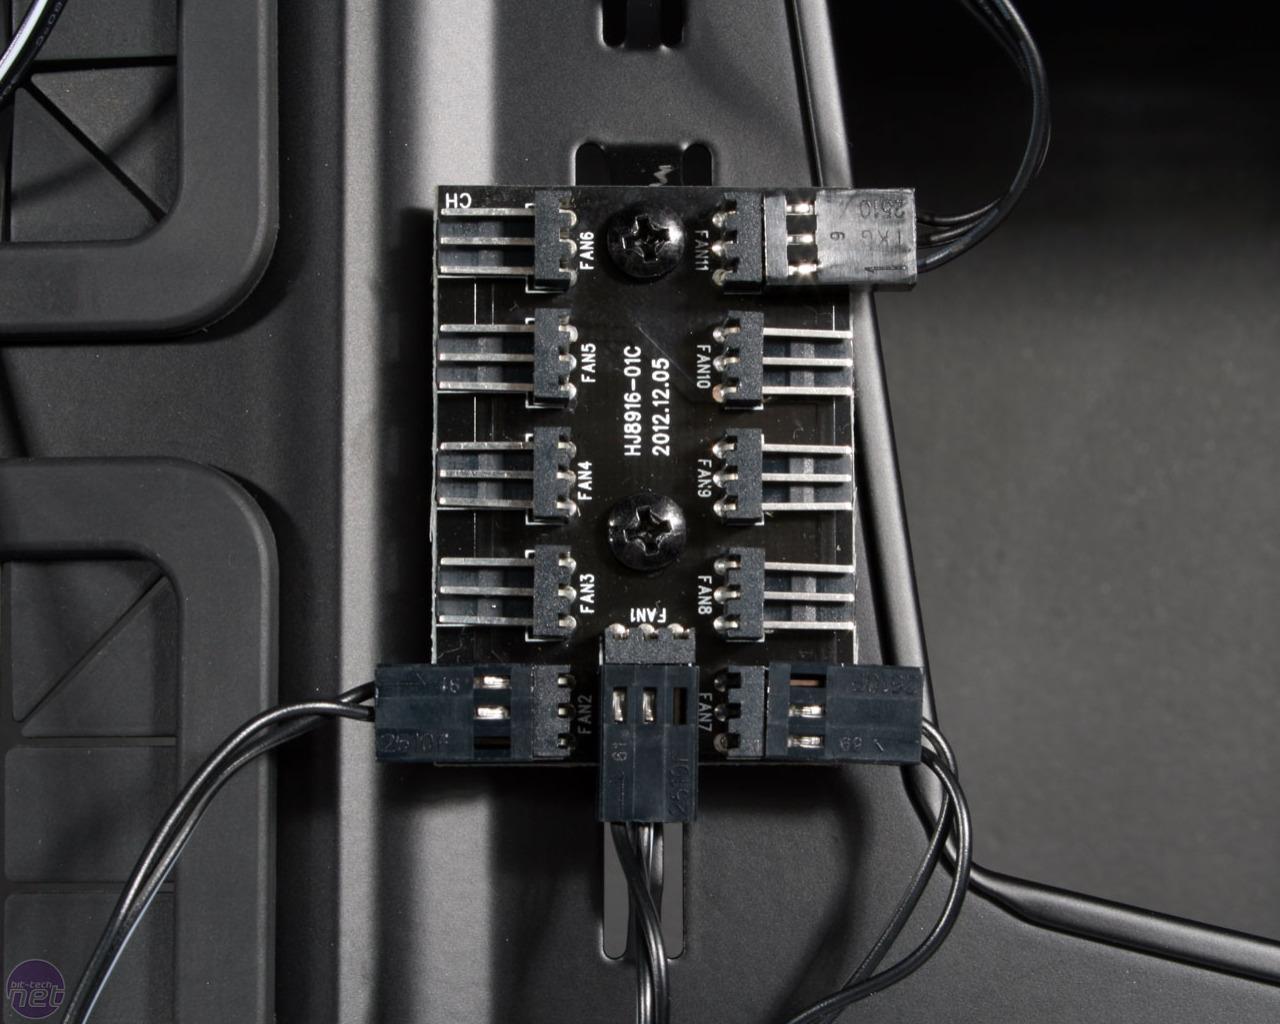 Nzxt H630 Review Bit Tech Net